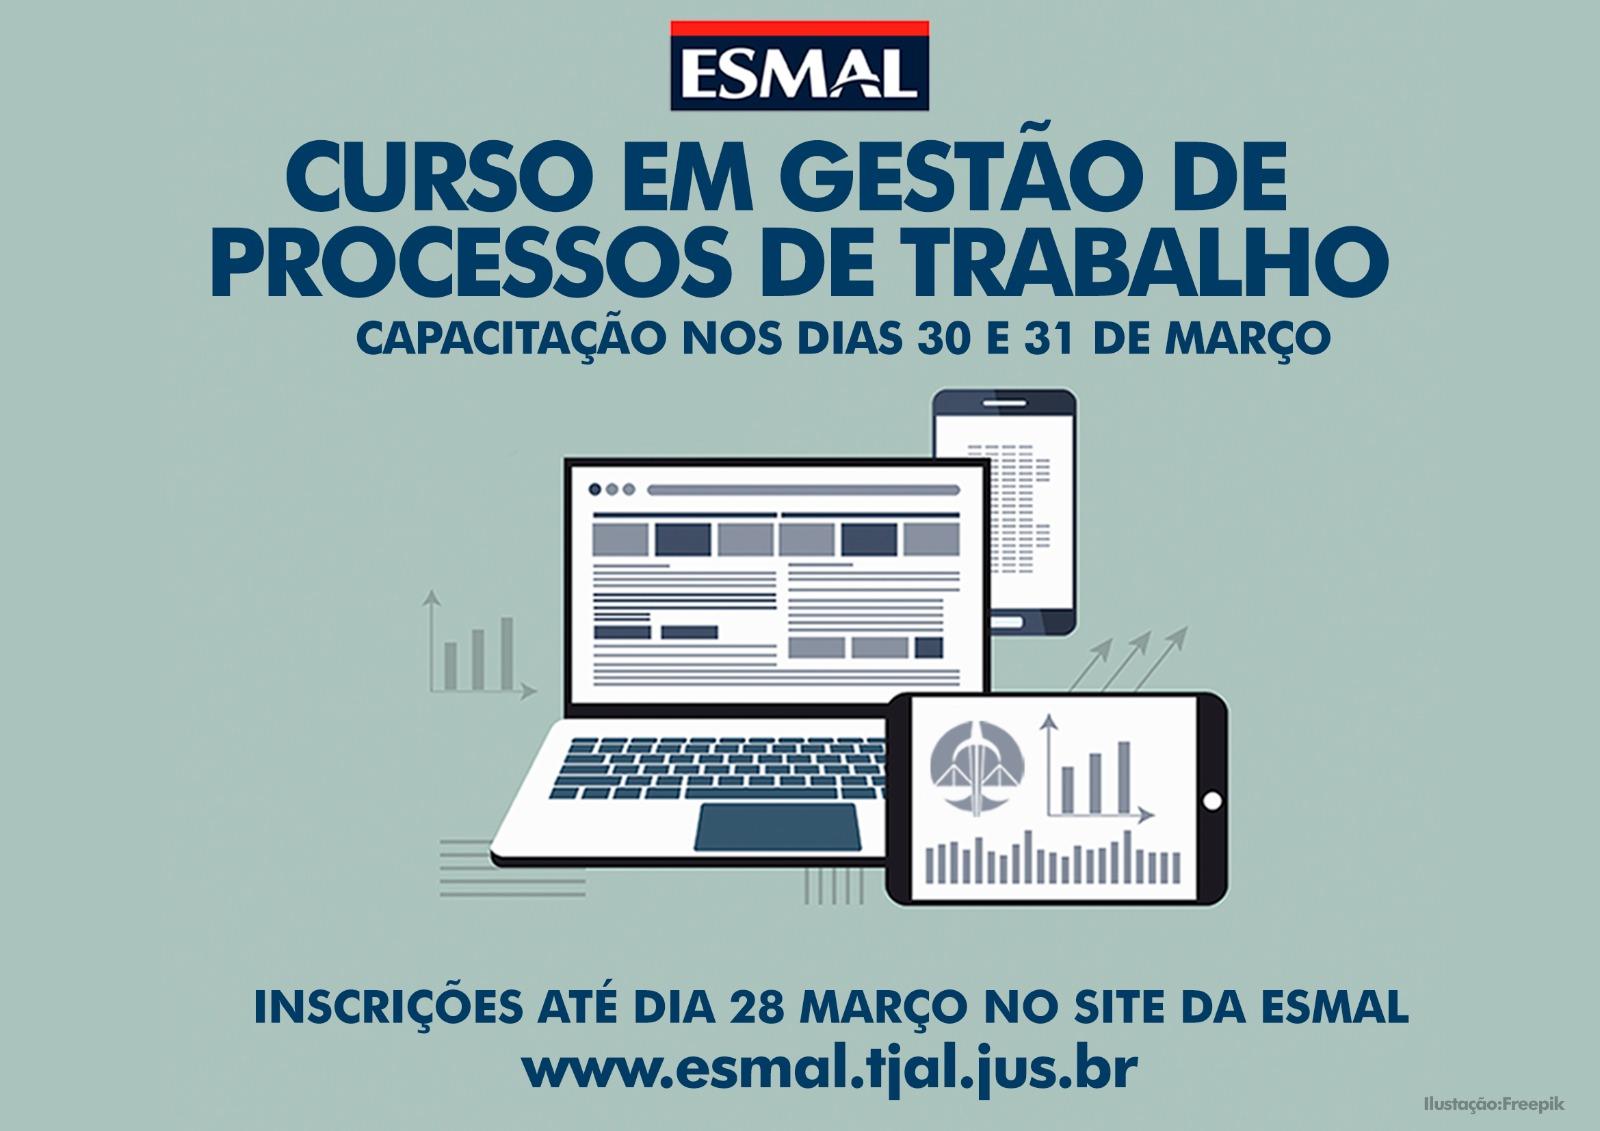 Curso de Gestão de Processos de Trabalho recebe inscrições até 28/03